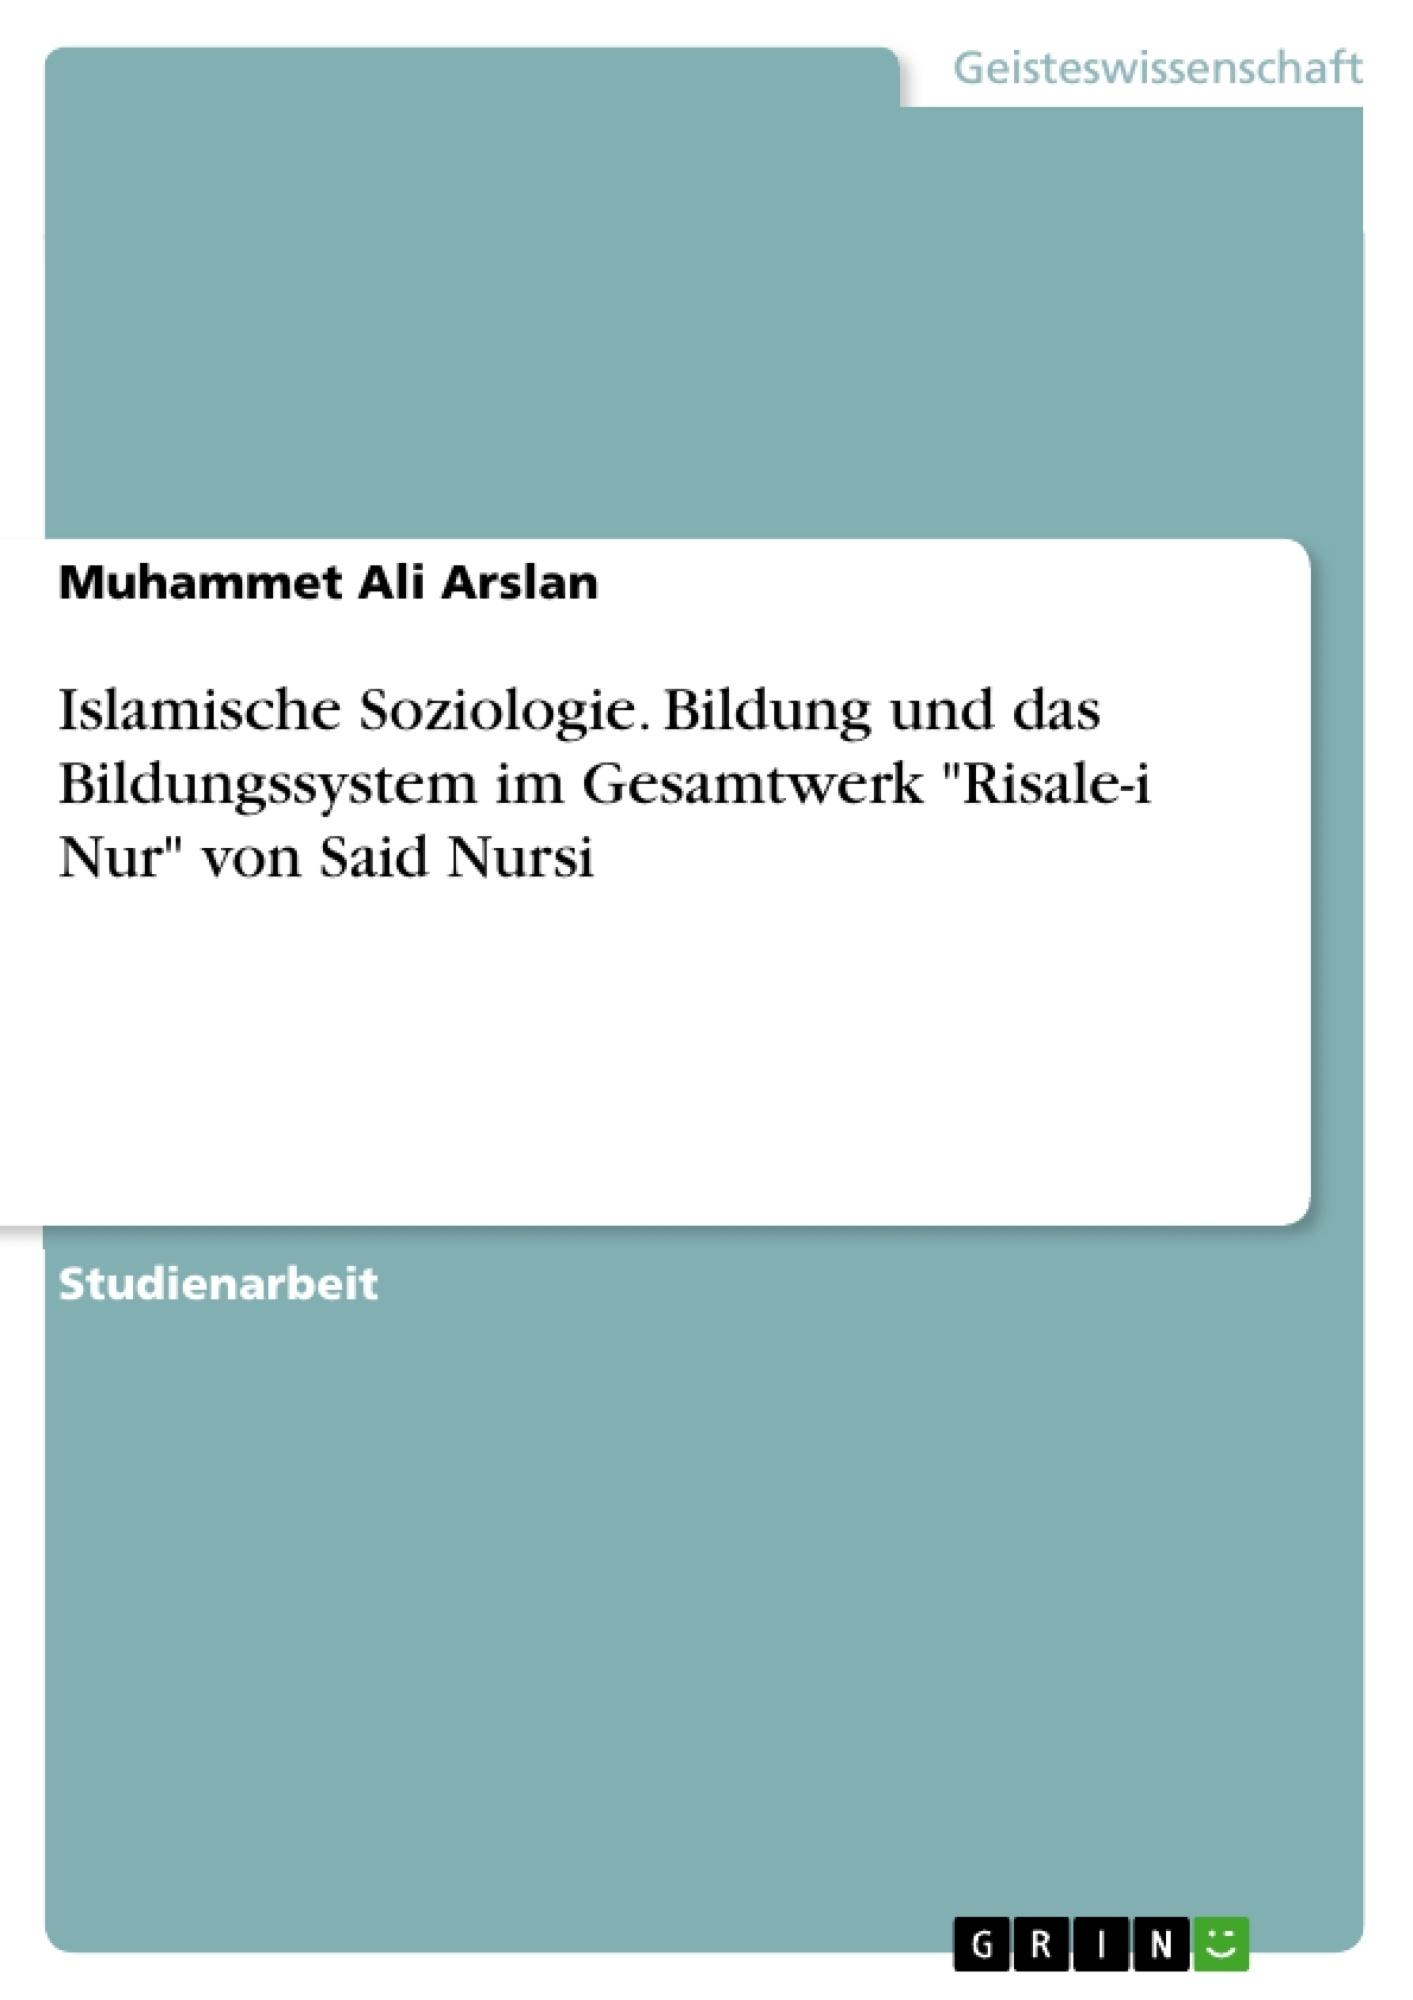 """Titel: Islamische Soziologie. Bildung und  das Bildungssystem im Gesamtwerk """"Risale-i Nur"""" von Said Nursi"""